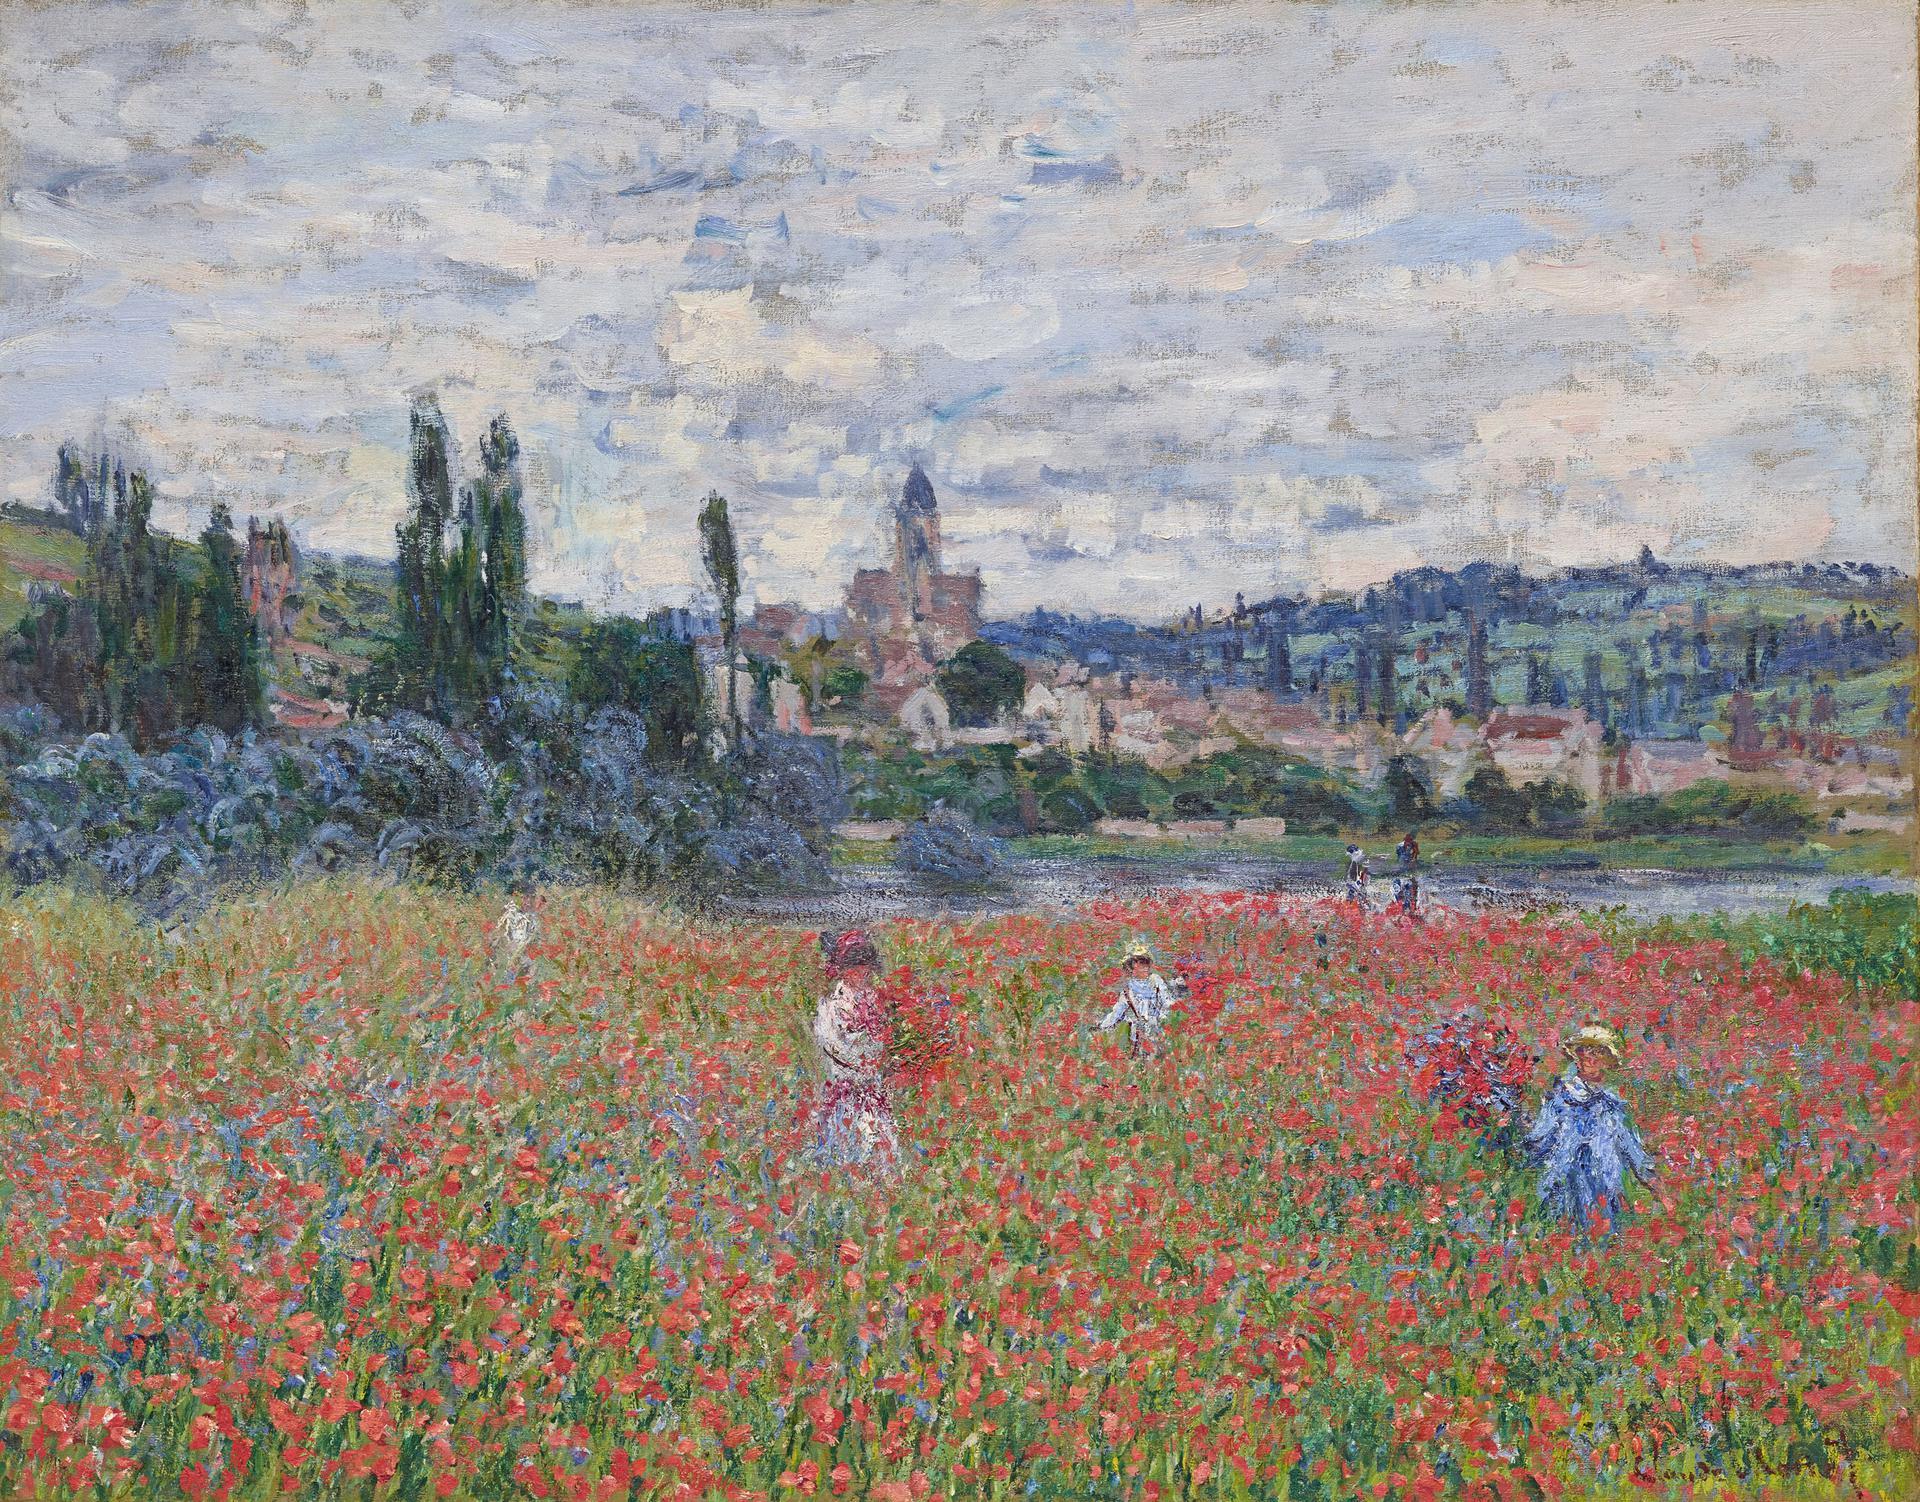 Claude Monet_Champ de coquelicots près de Vétheuil (Campo di papaveri a Vétheuil) 1879 ca.Olio su tela 73 x 92 cm Collezione Emil Bührle_Crediti fotografici: Schälchli/Schmidt, Zürich